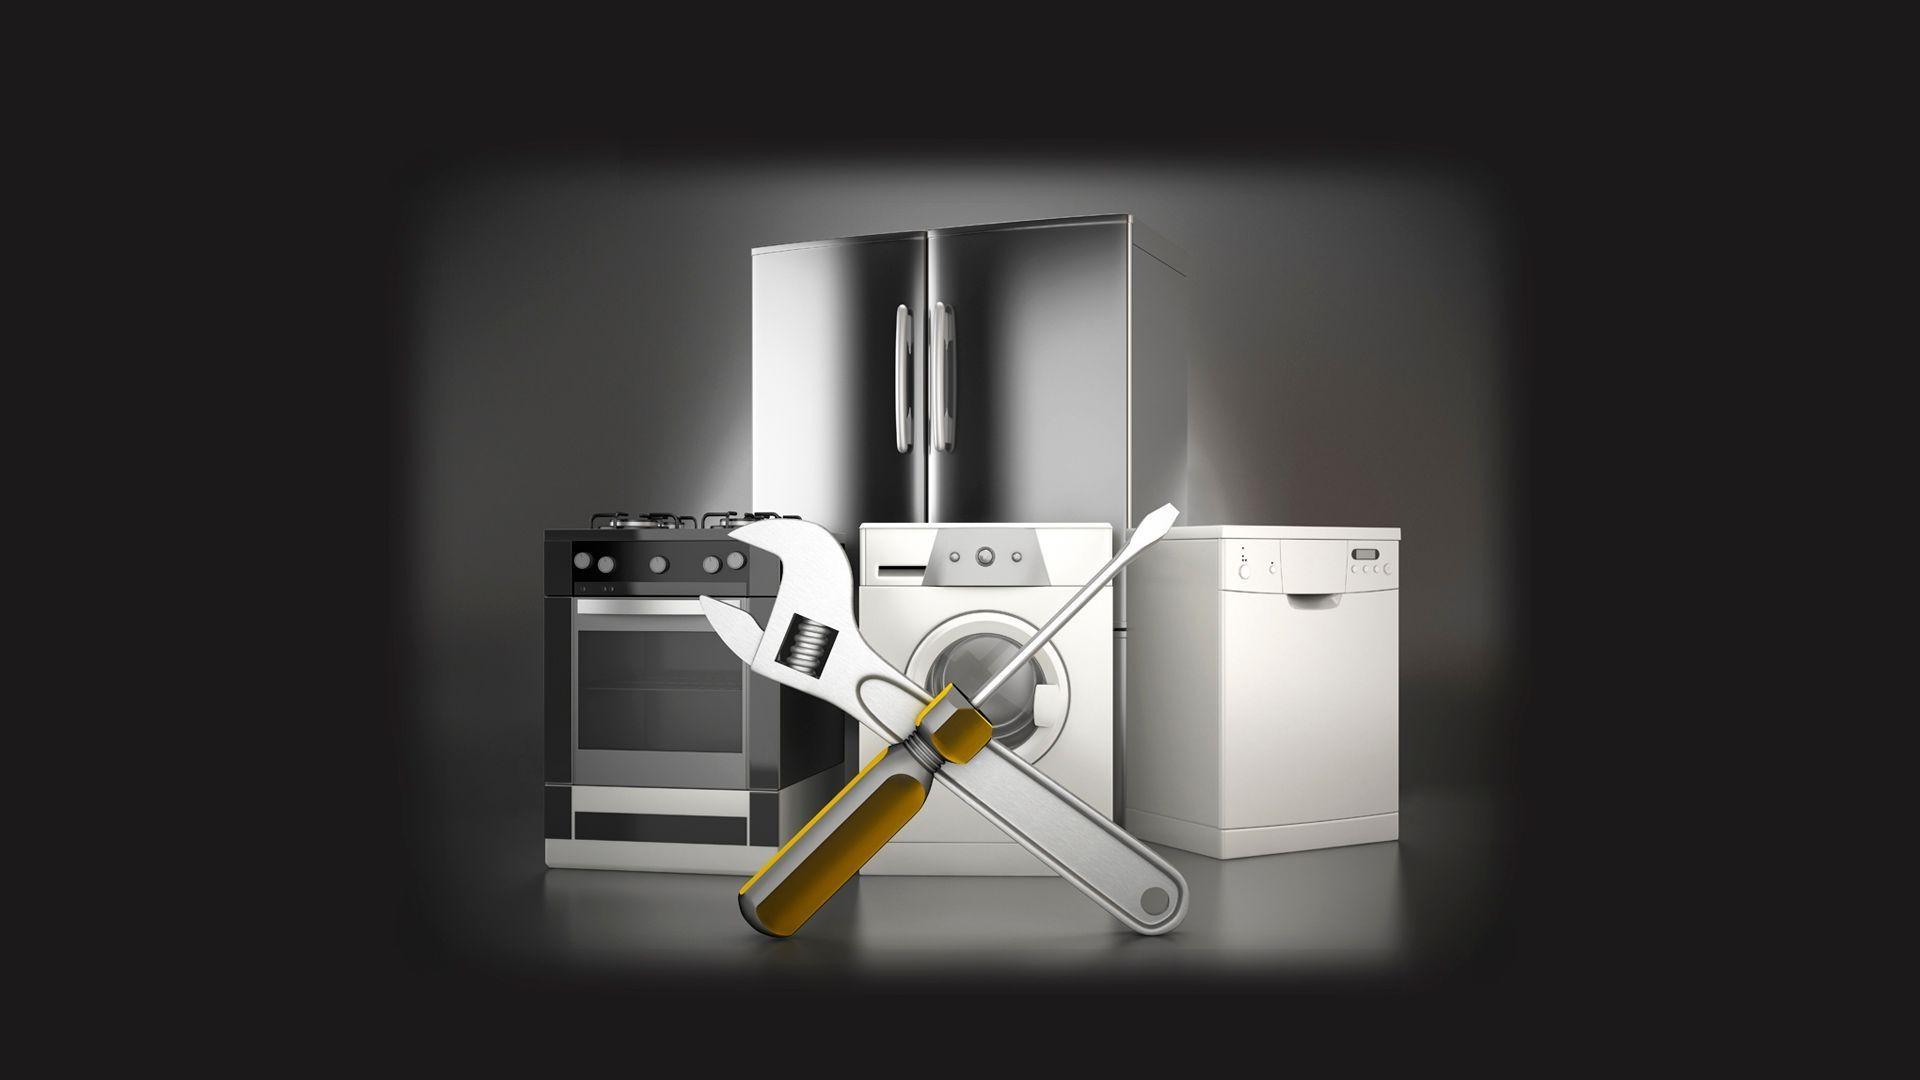 Servicio técnico de reparación de electrodomésticos en Toledo